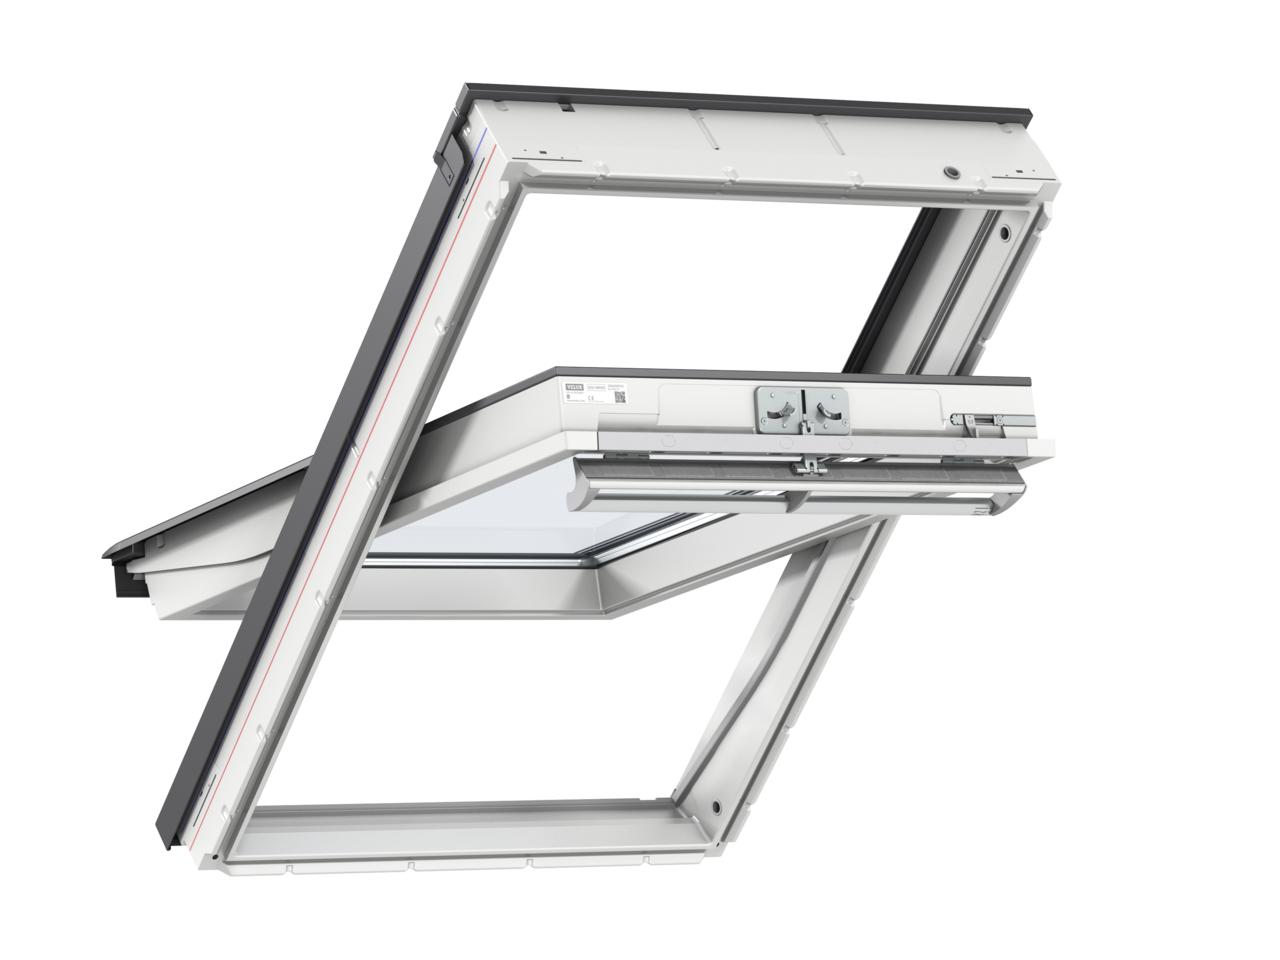 Střešní okno VELUX GGU 0062 rozměr: CK02 55x78 cm